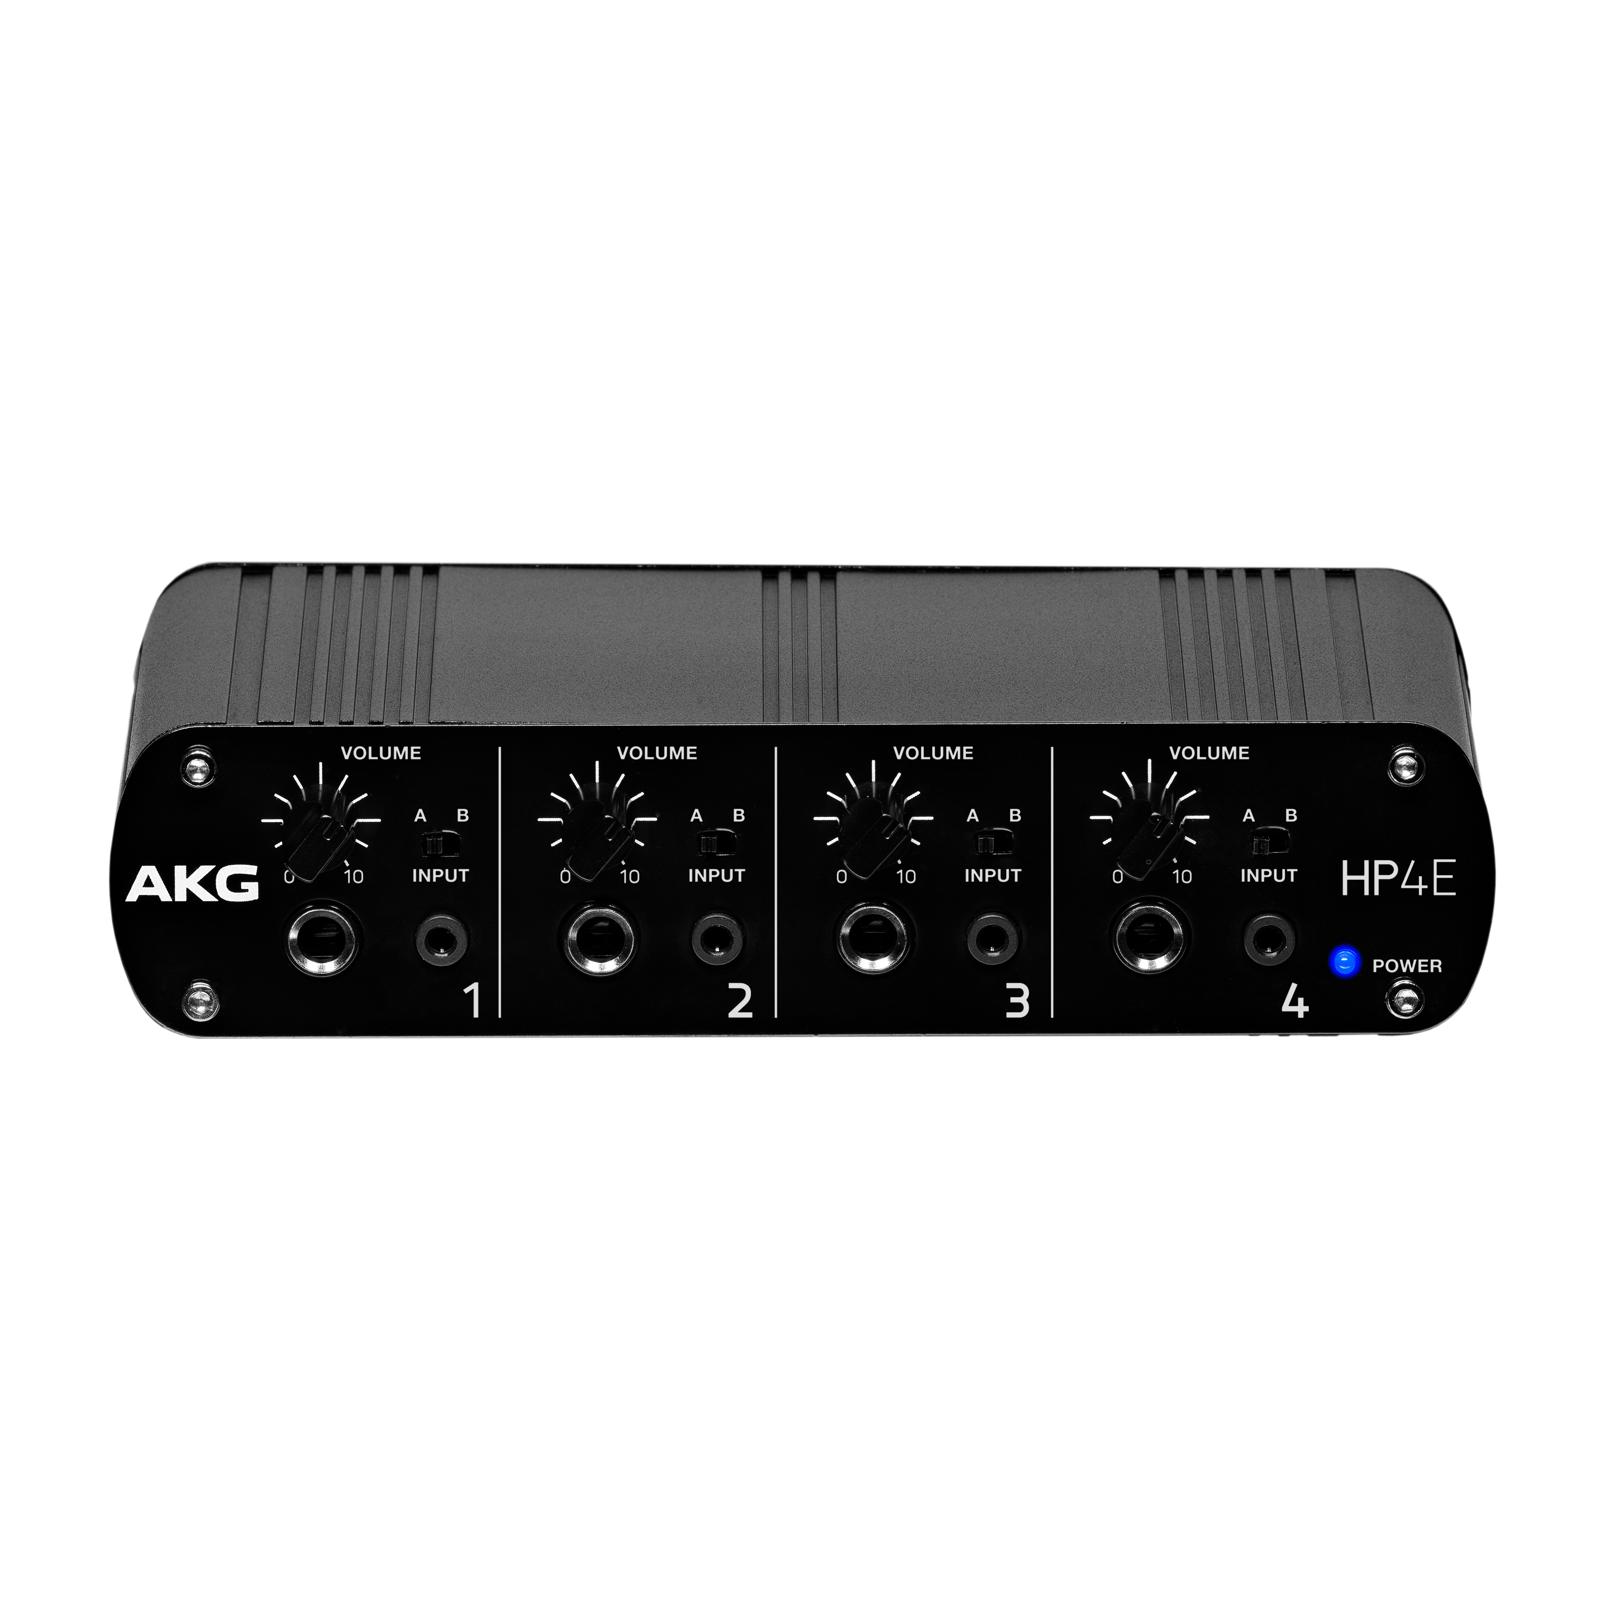 HP4E - Black - 4-channel headphone amplifier - Hero